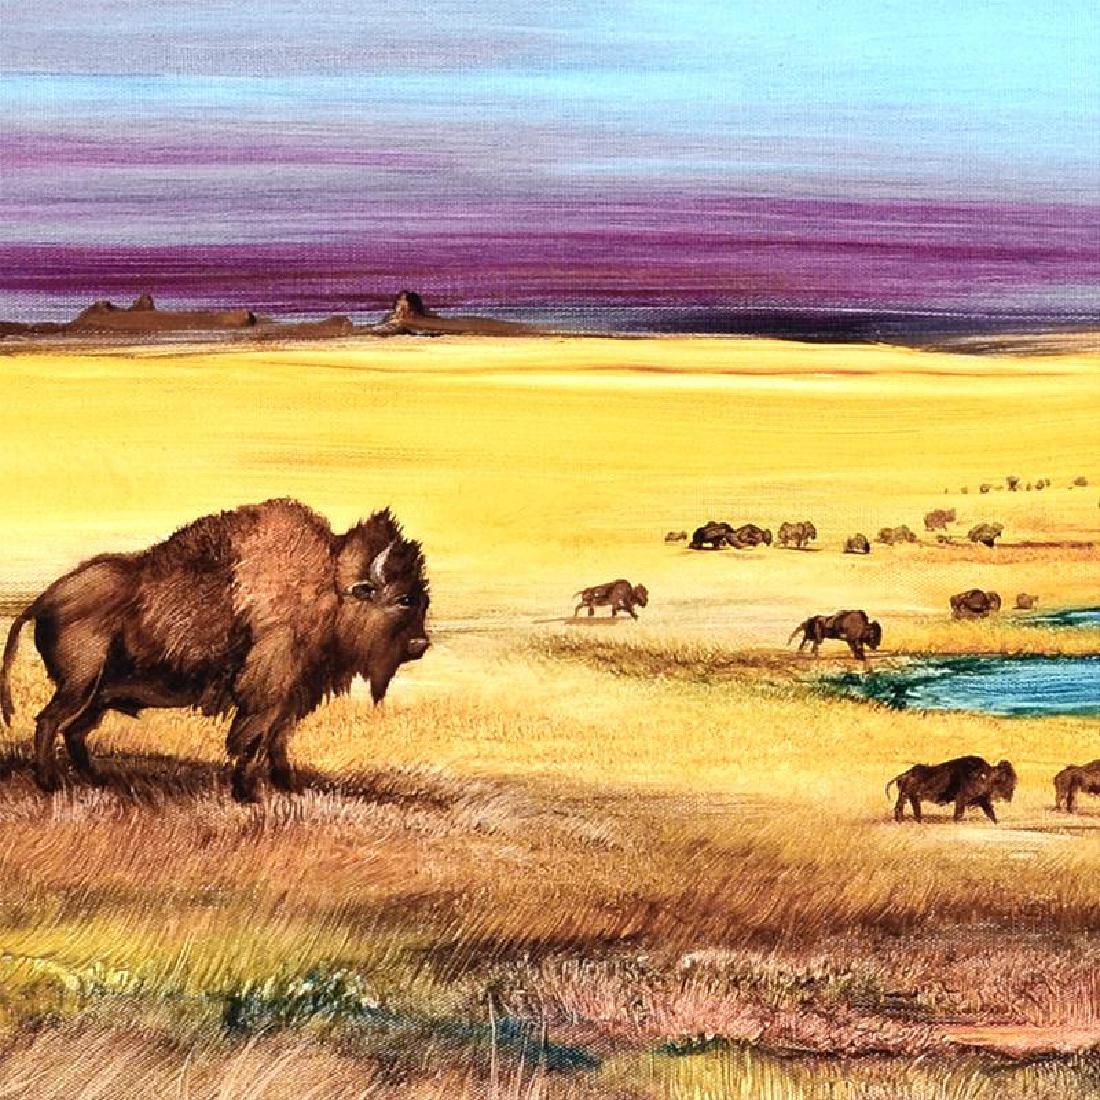 Where the Buffalo... by Katon, Martin - 2